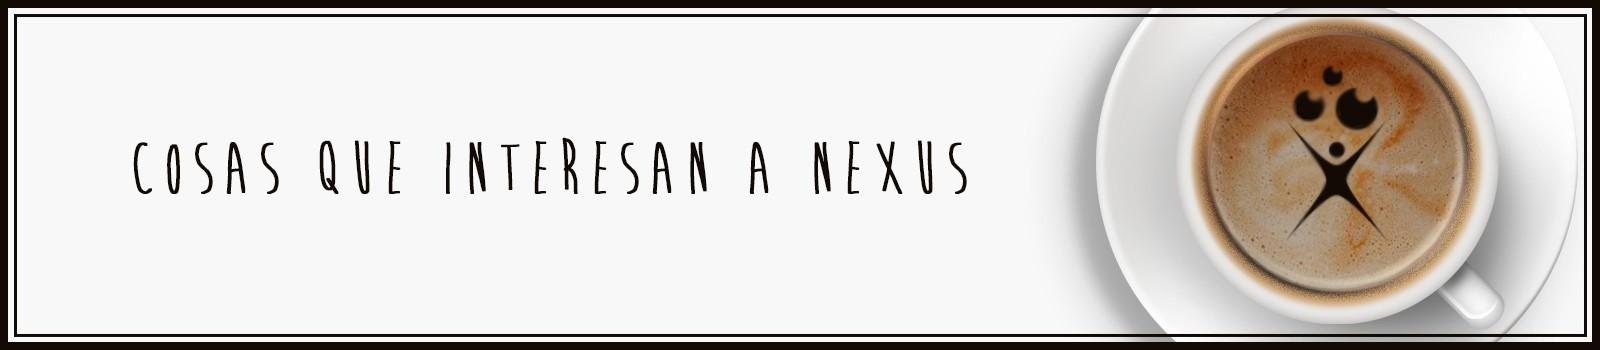 Cosas que interesan a Nexus